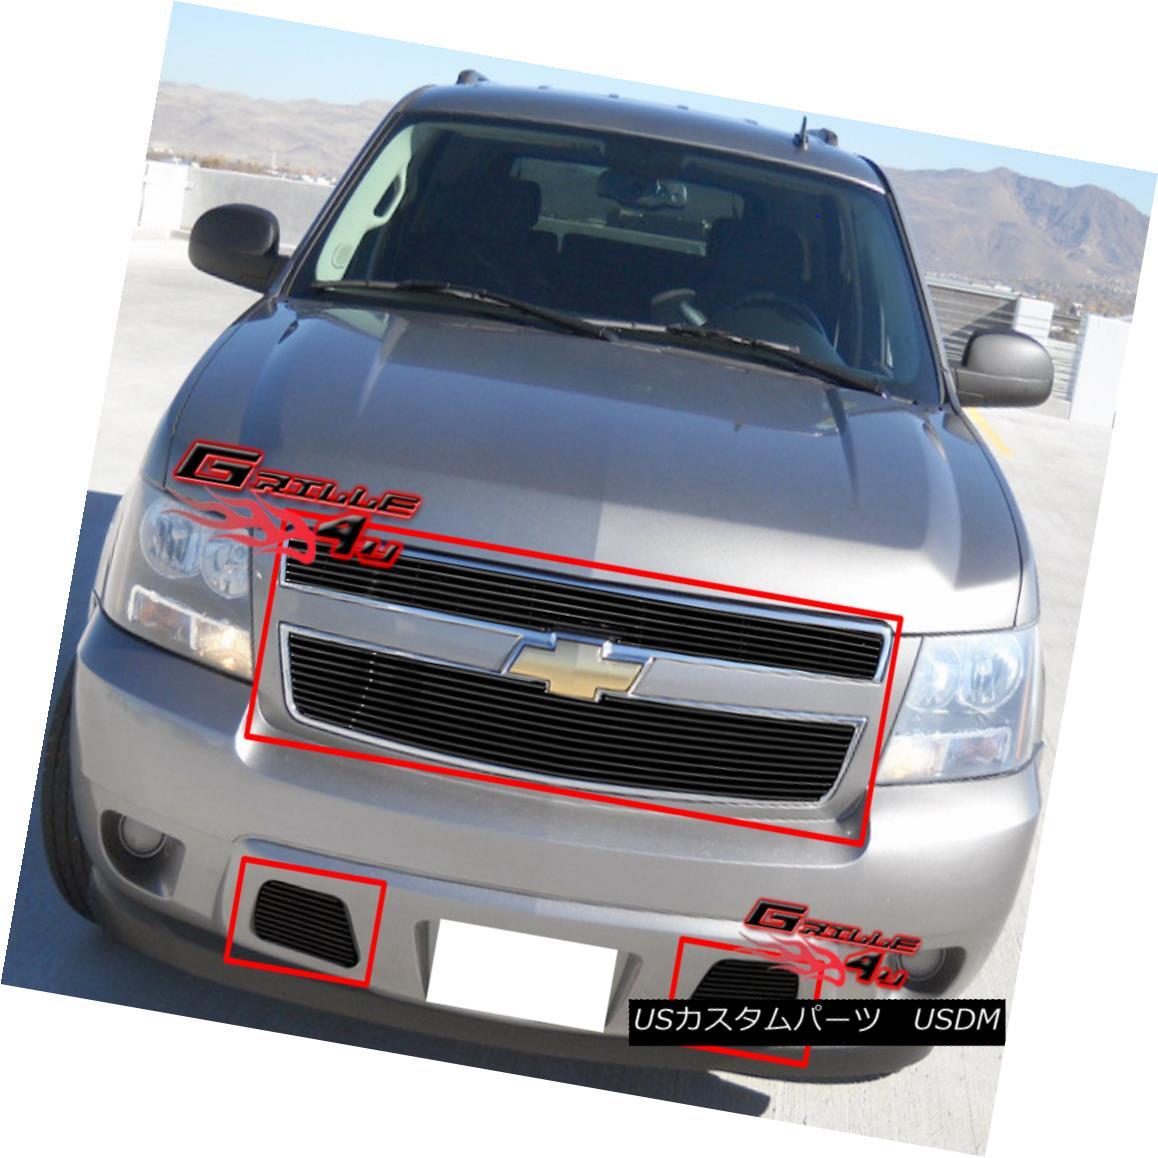 グリル Fits 2007-2014 Chevy Tahoe/Suburban/Avalanche Black Billet Grille Grill Combo フィット2007年?2014シボレータホ/郊外 /アバランチェブラックビレットグリルグリルコンボ